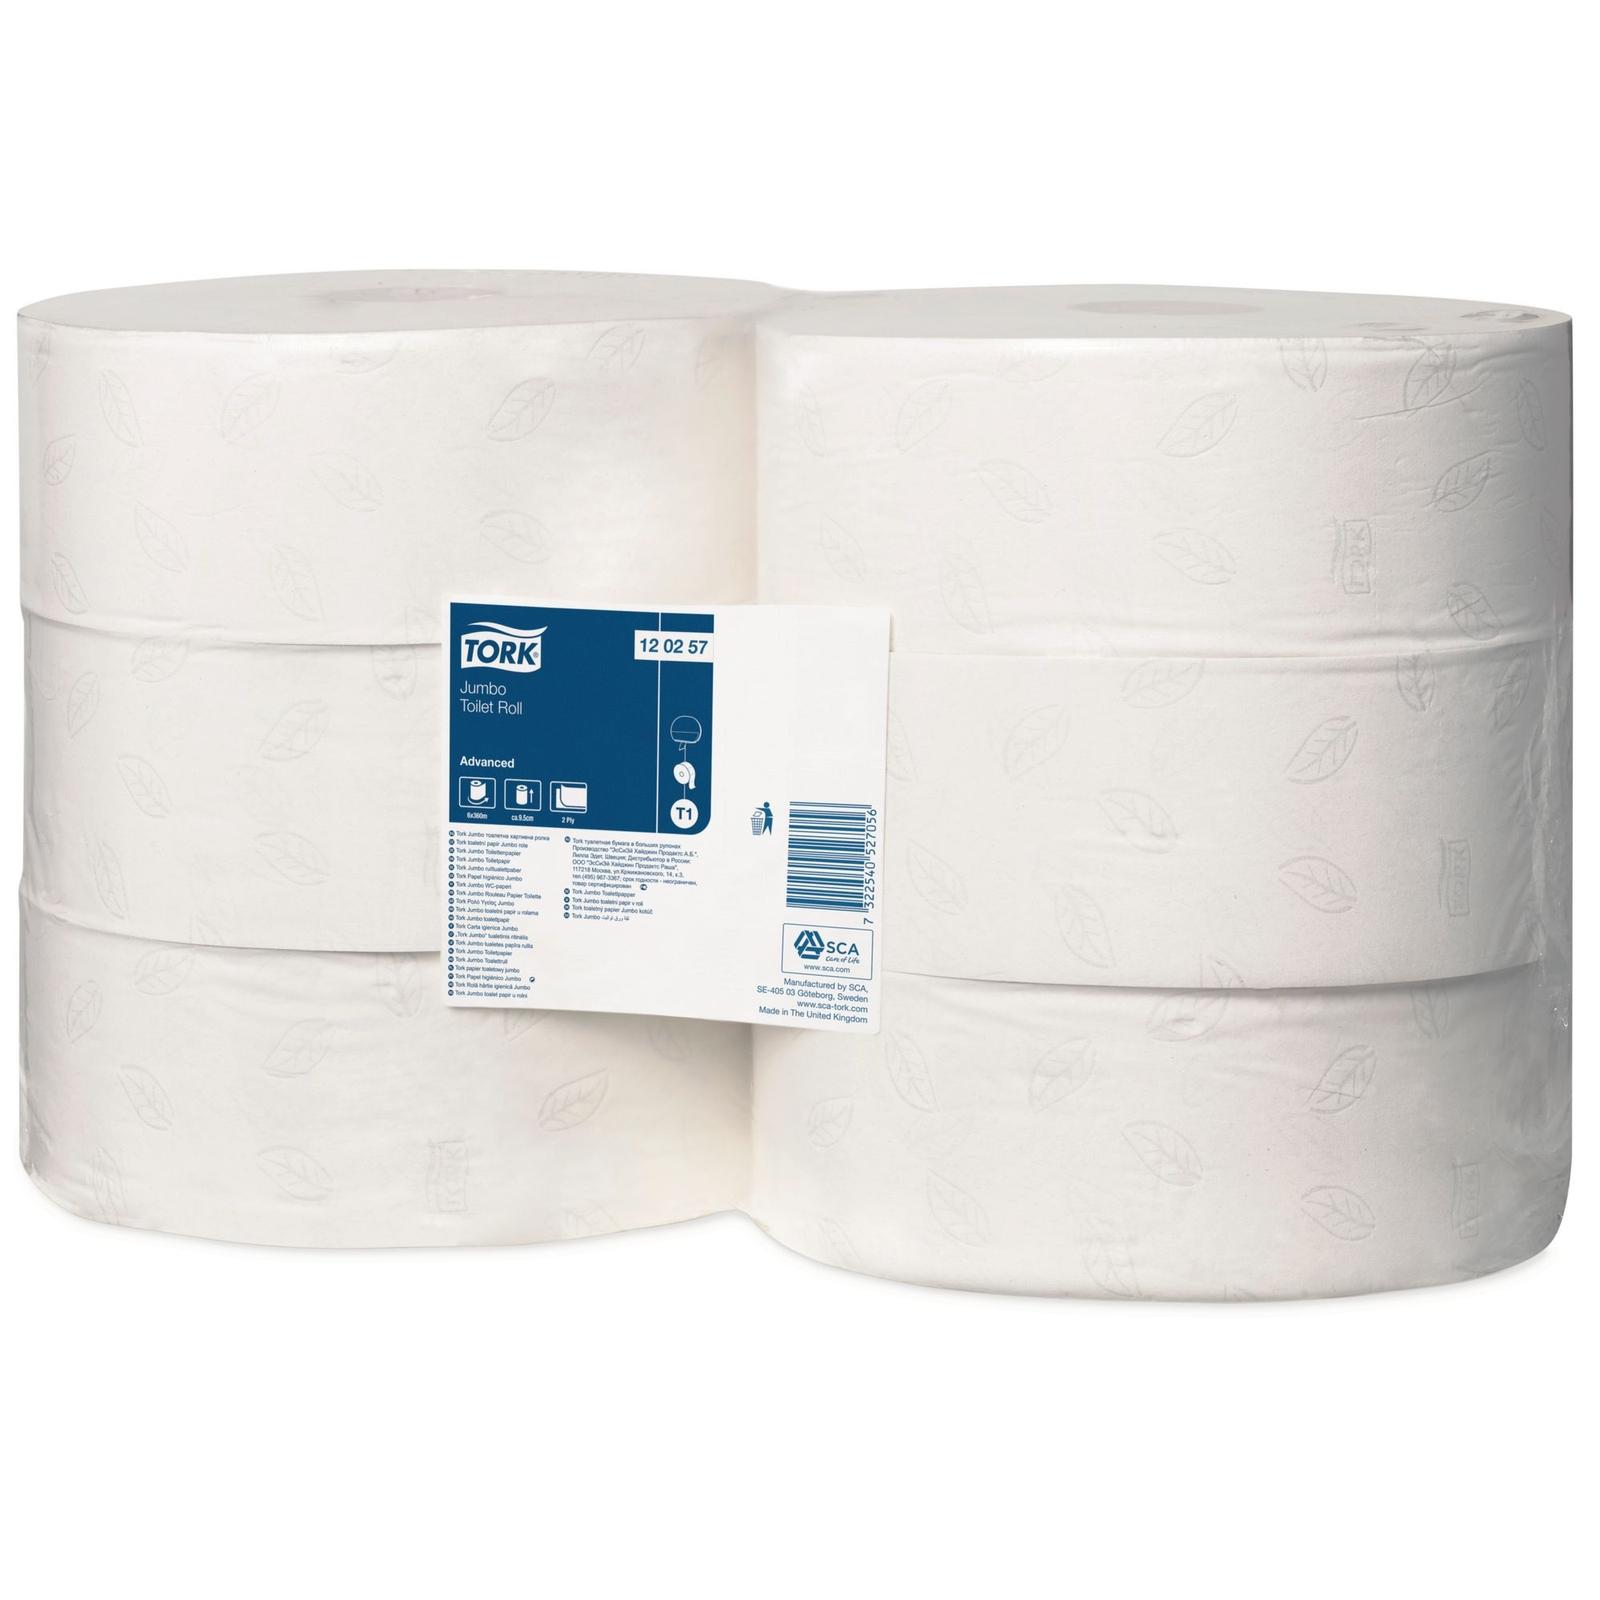 Tork Jumbo Toilet Roll 2¼in Core - 2 Ply